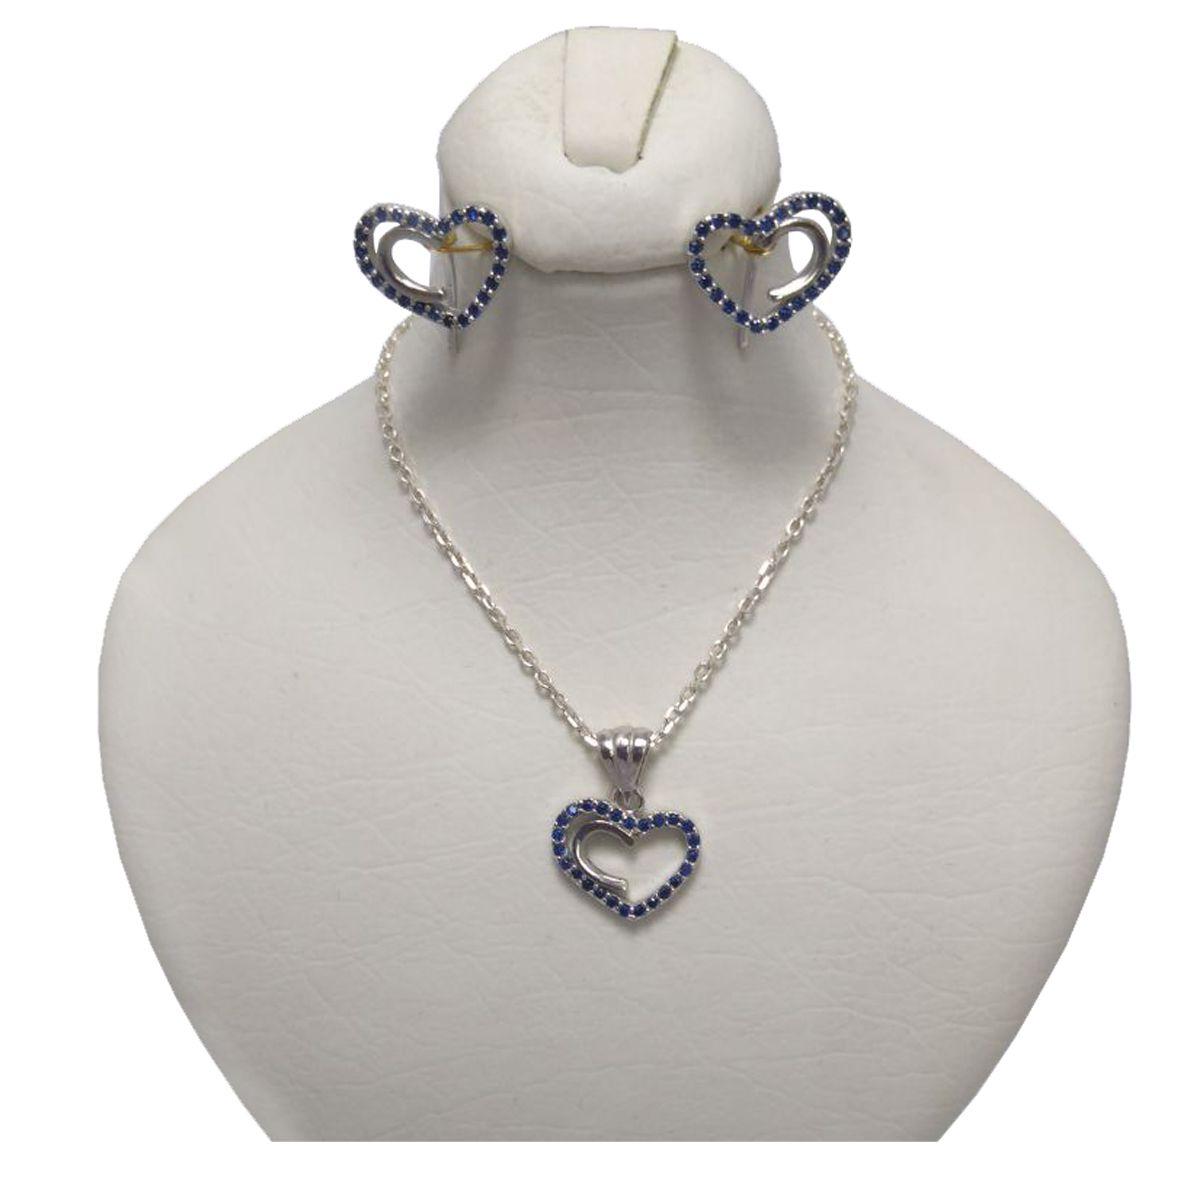 نیم ست نقره زنانه طرح قلب کد M1002